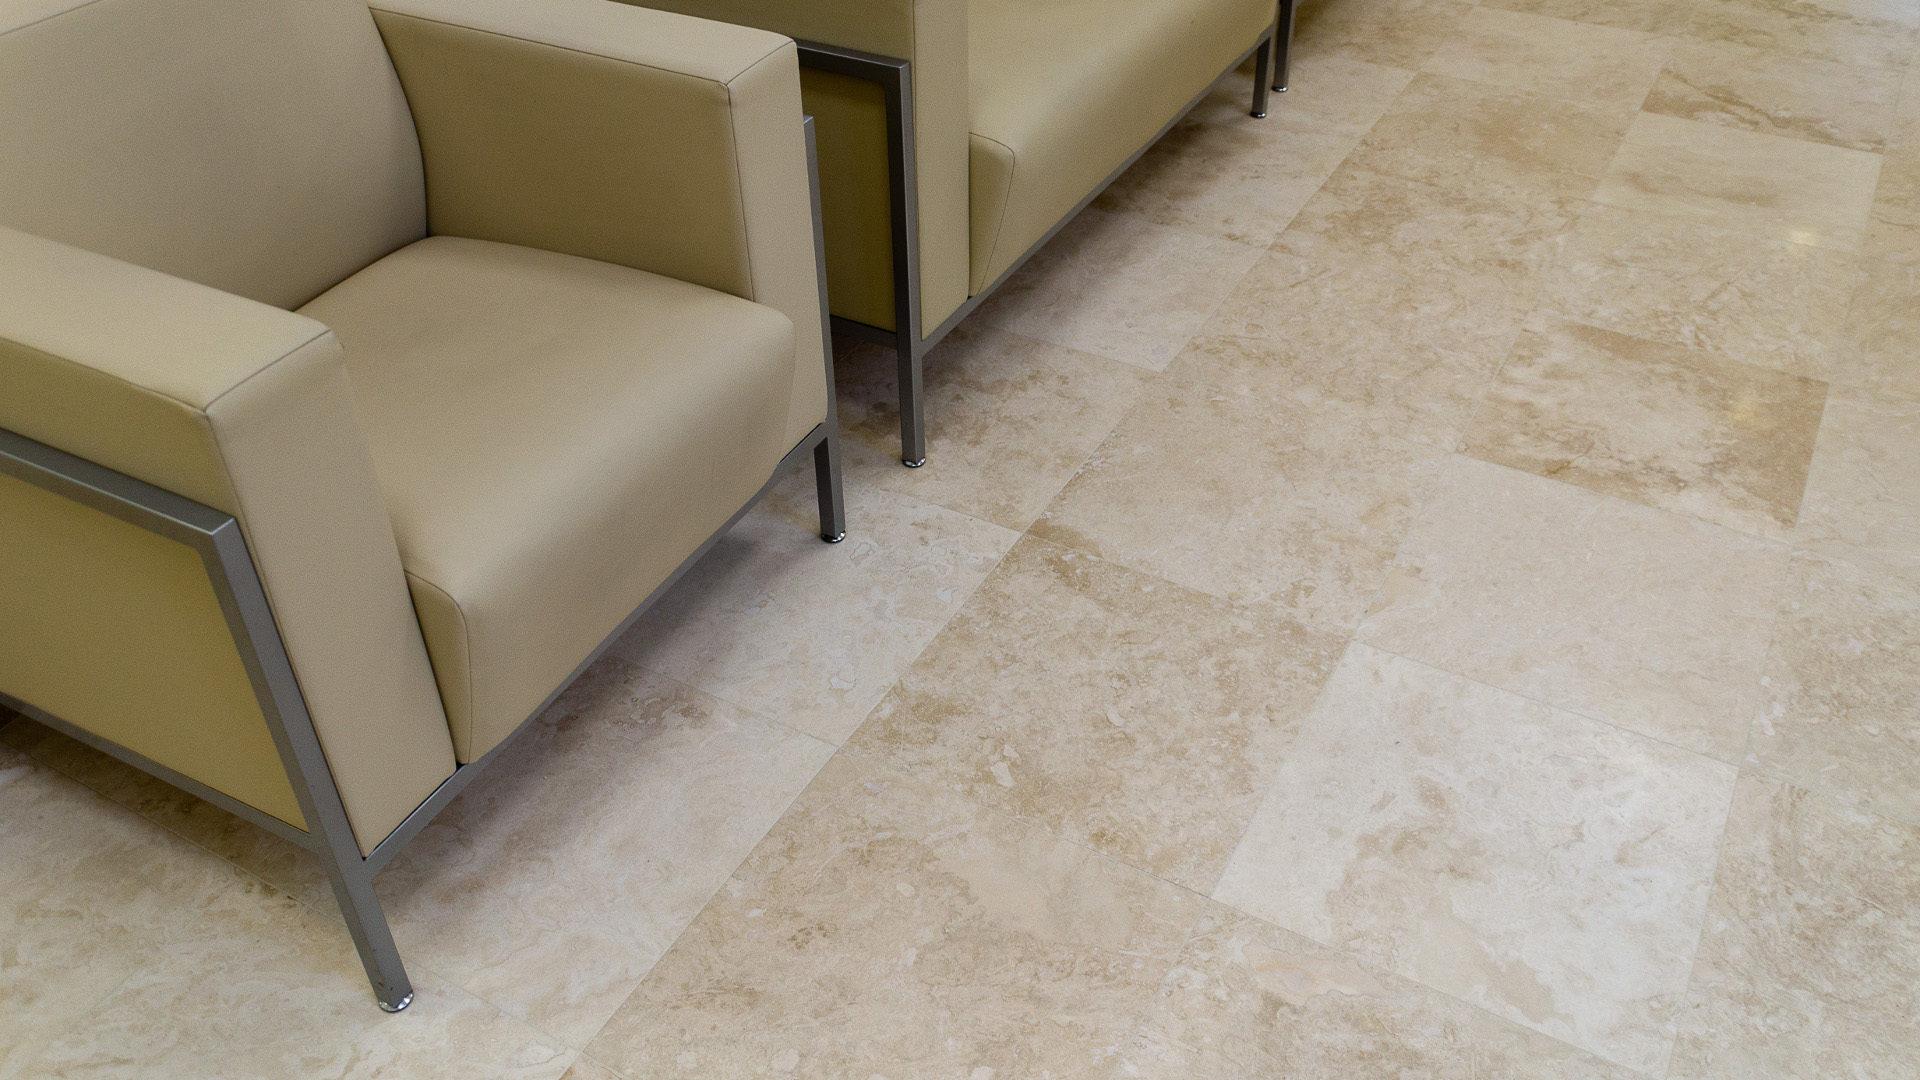 Pavimento In Pietra Naturale Per Interni : Idee di pavimenti in pietra per interni image gallery con